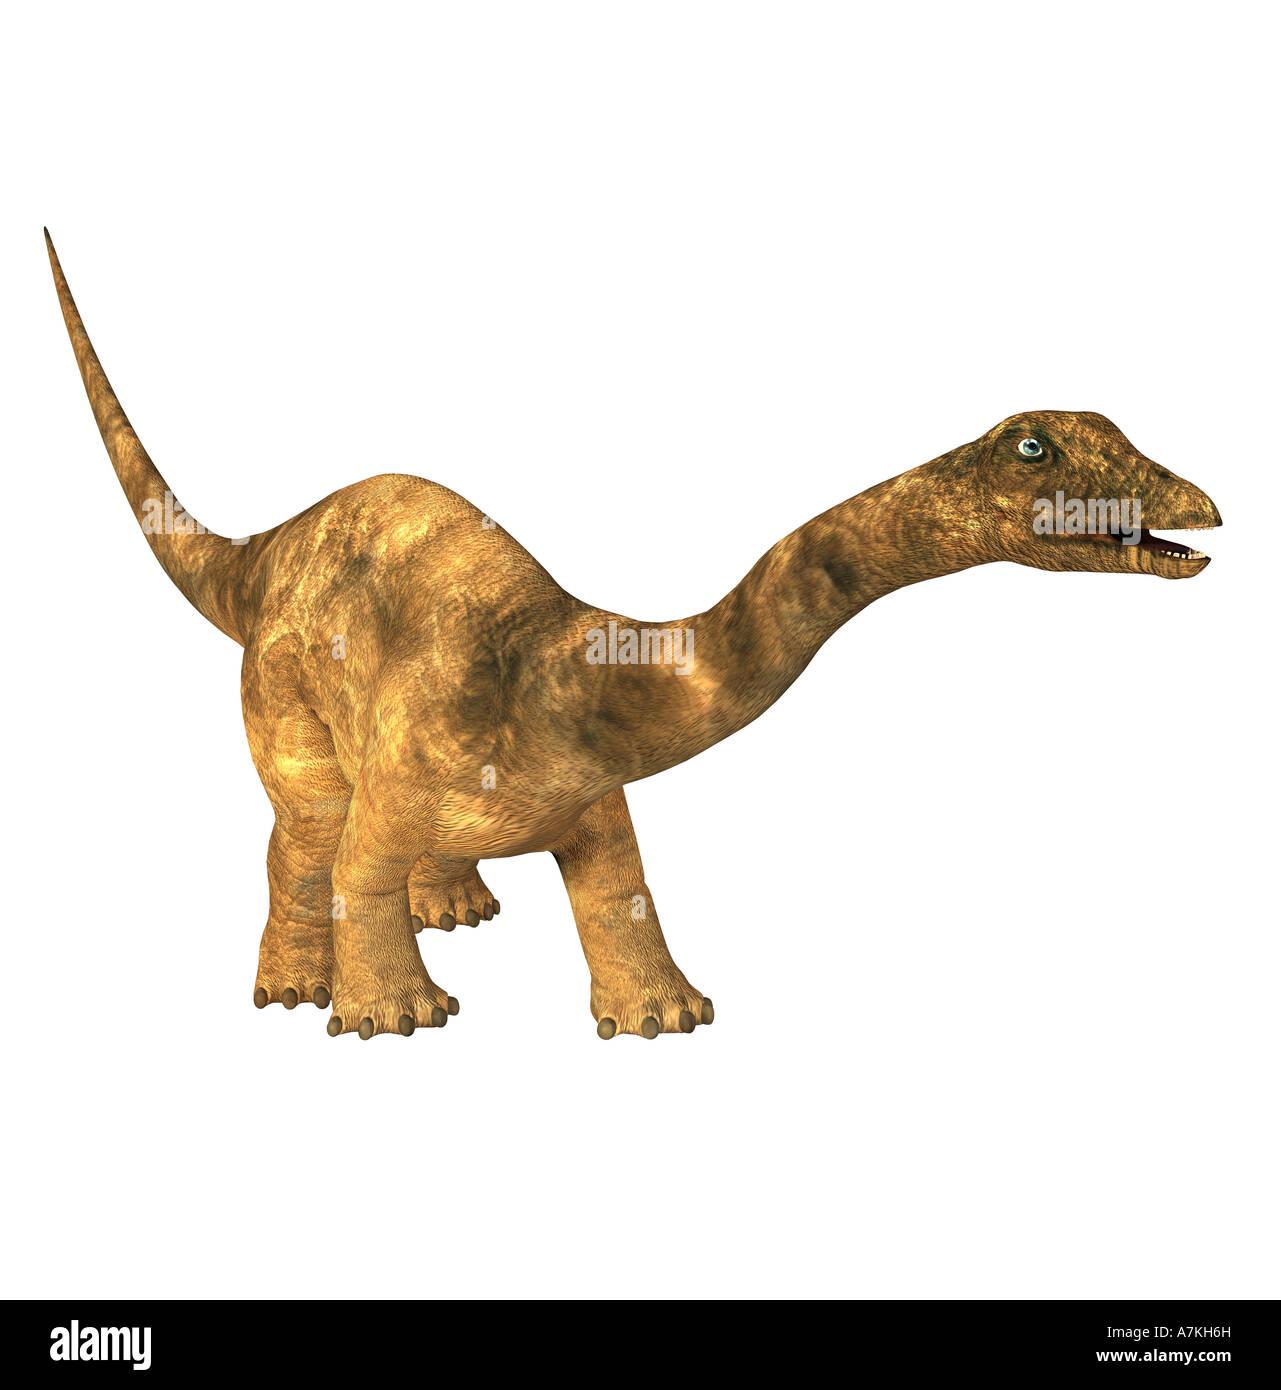 Diplodocus  dinosaurStock Photo